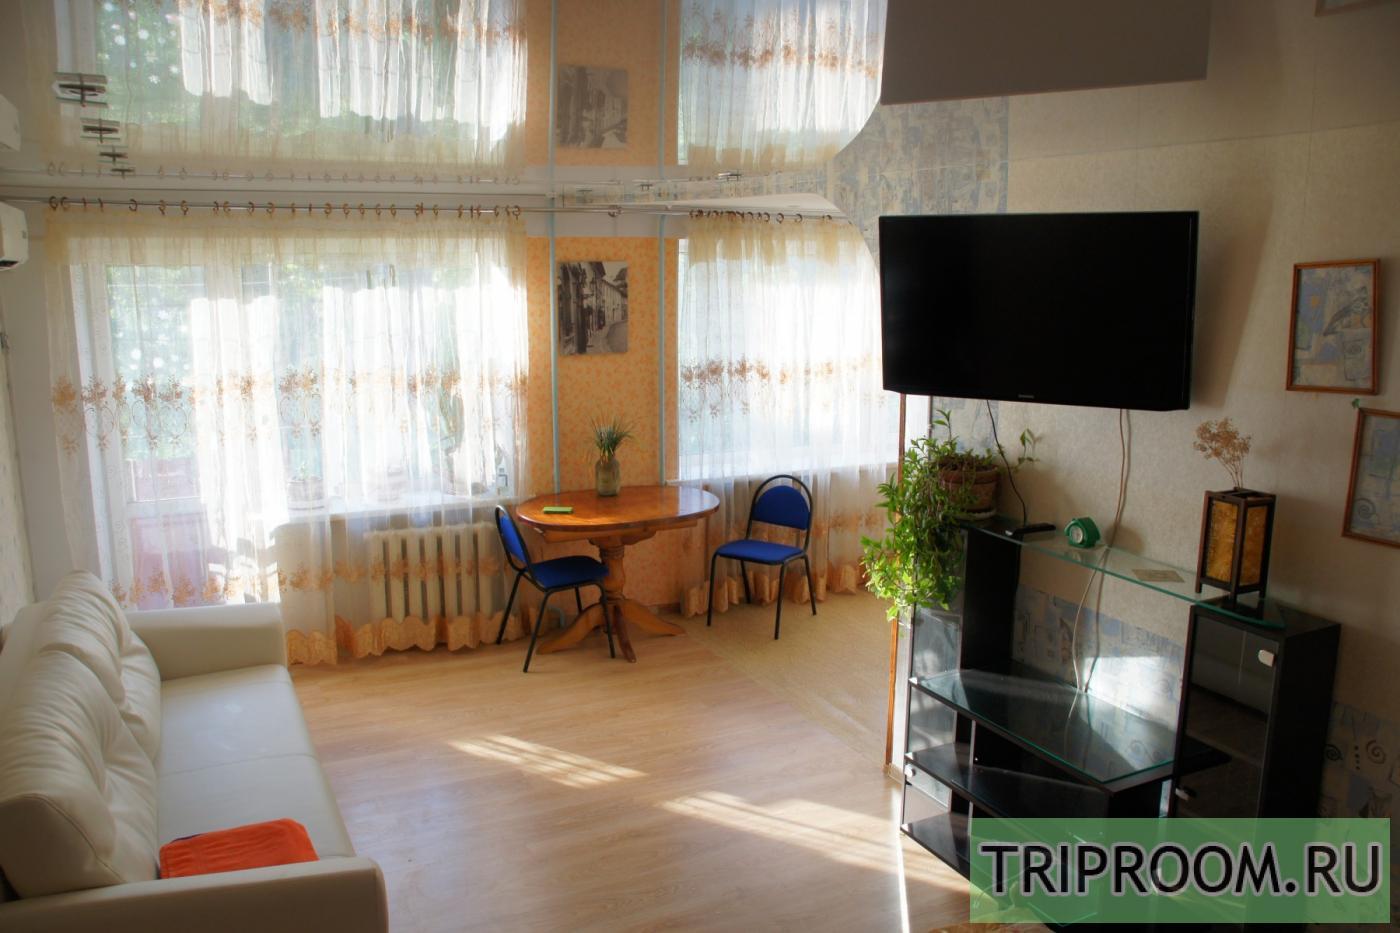 1-комнатная квартира посуточно (вариант № 18692), ул. Невская улица, фото № 1